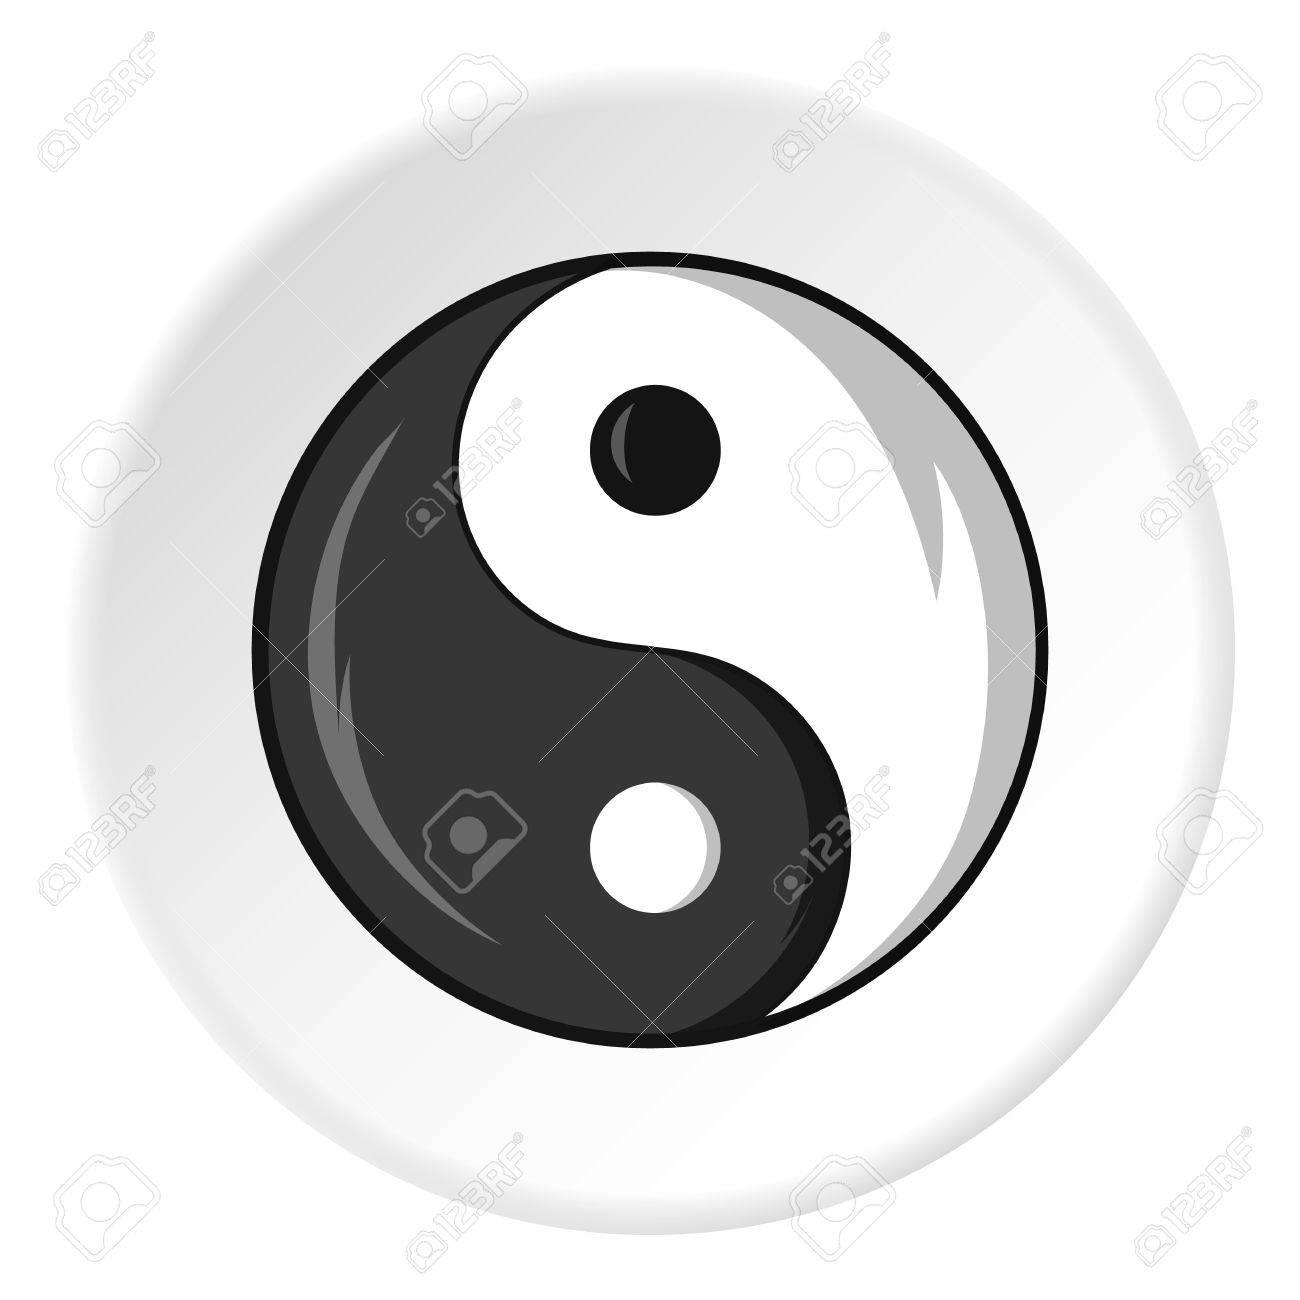 Icono De La Muestra Del Yin Yang En Estilo De Dibujos Animados